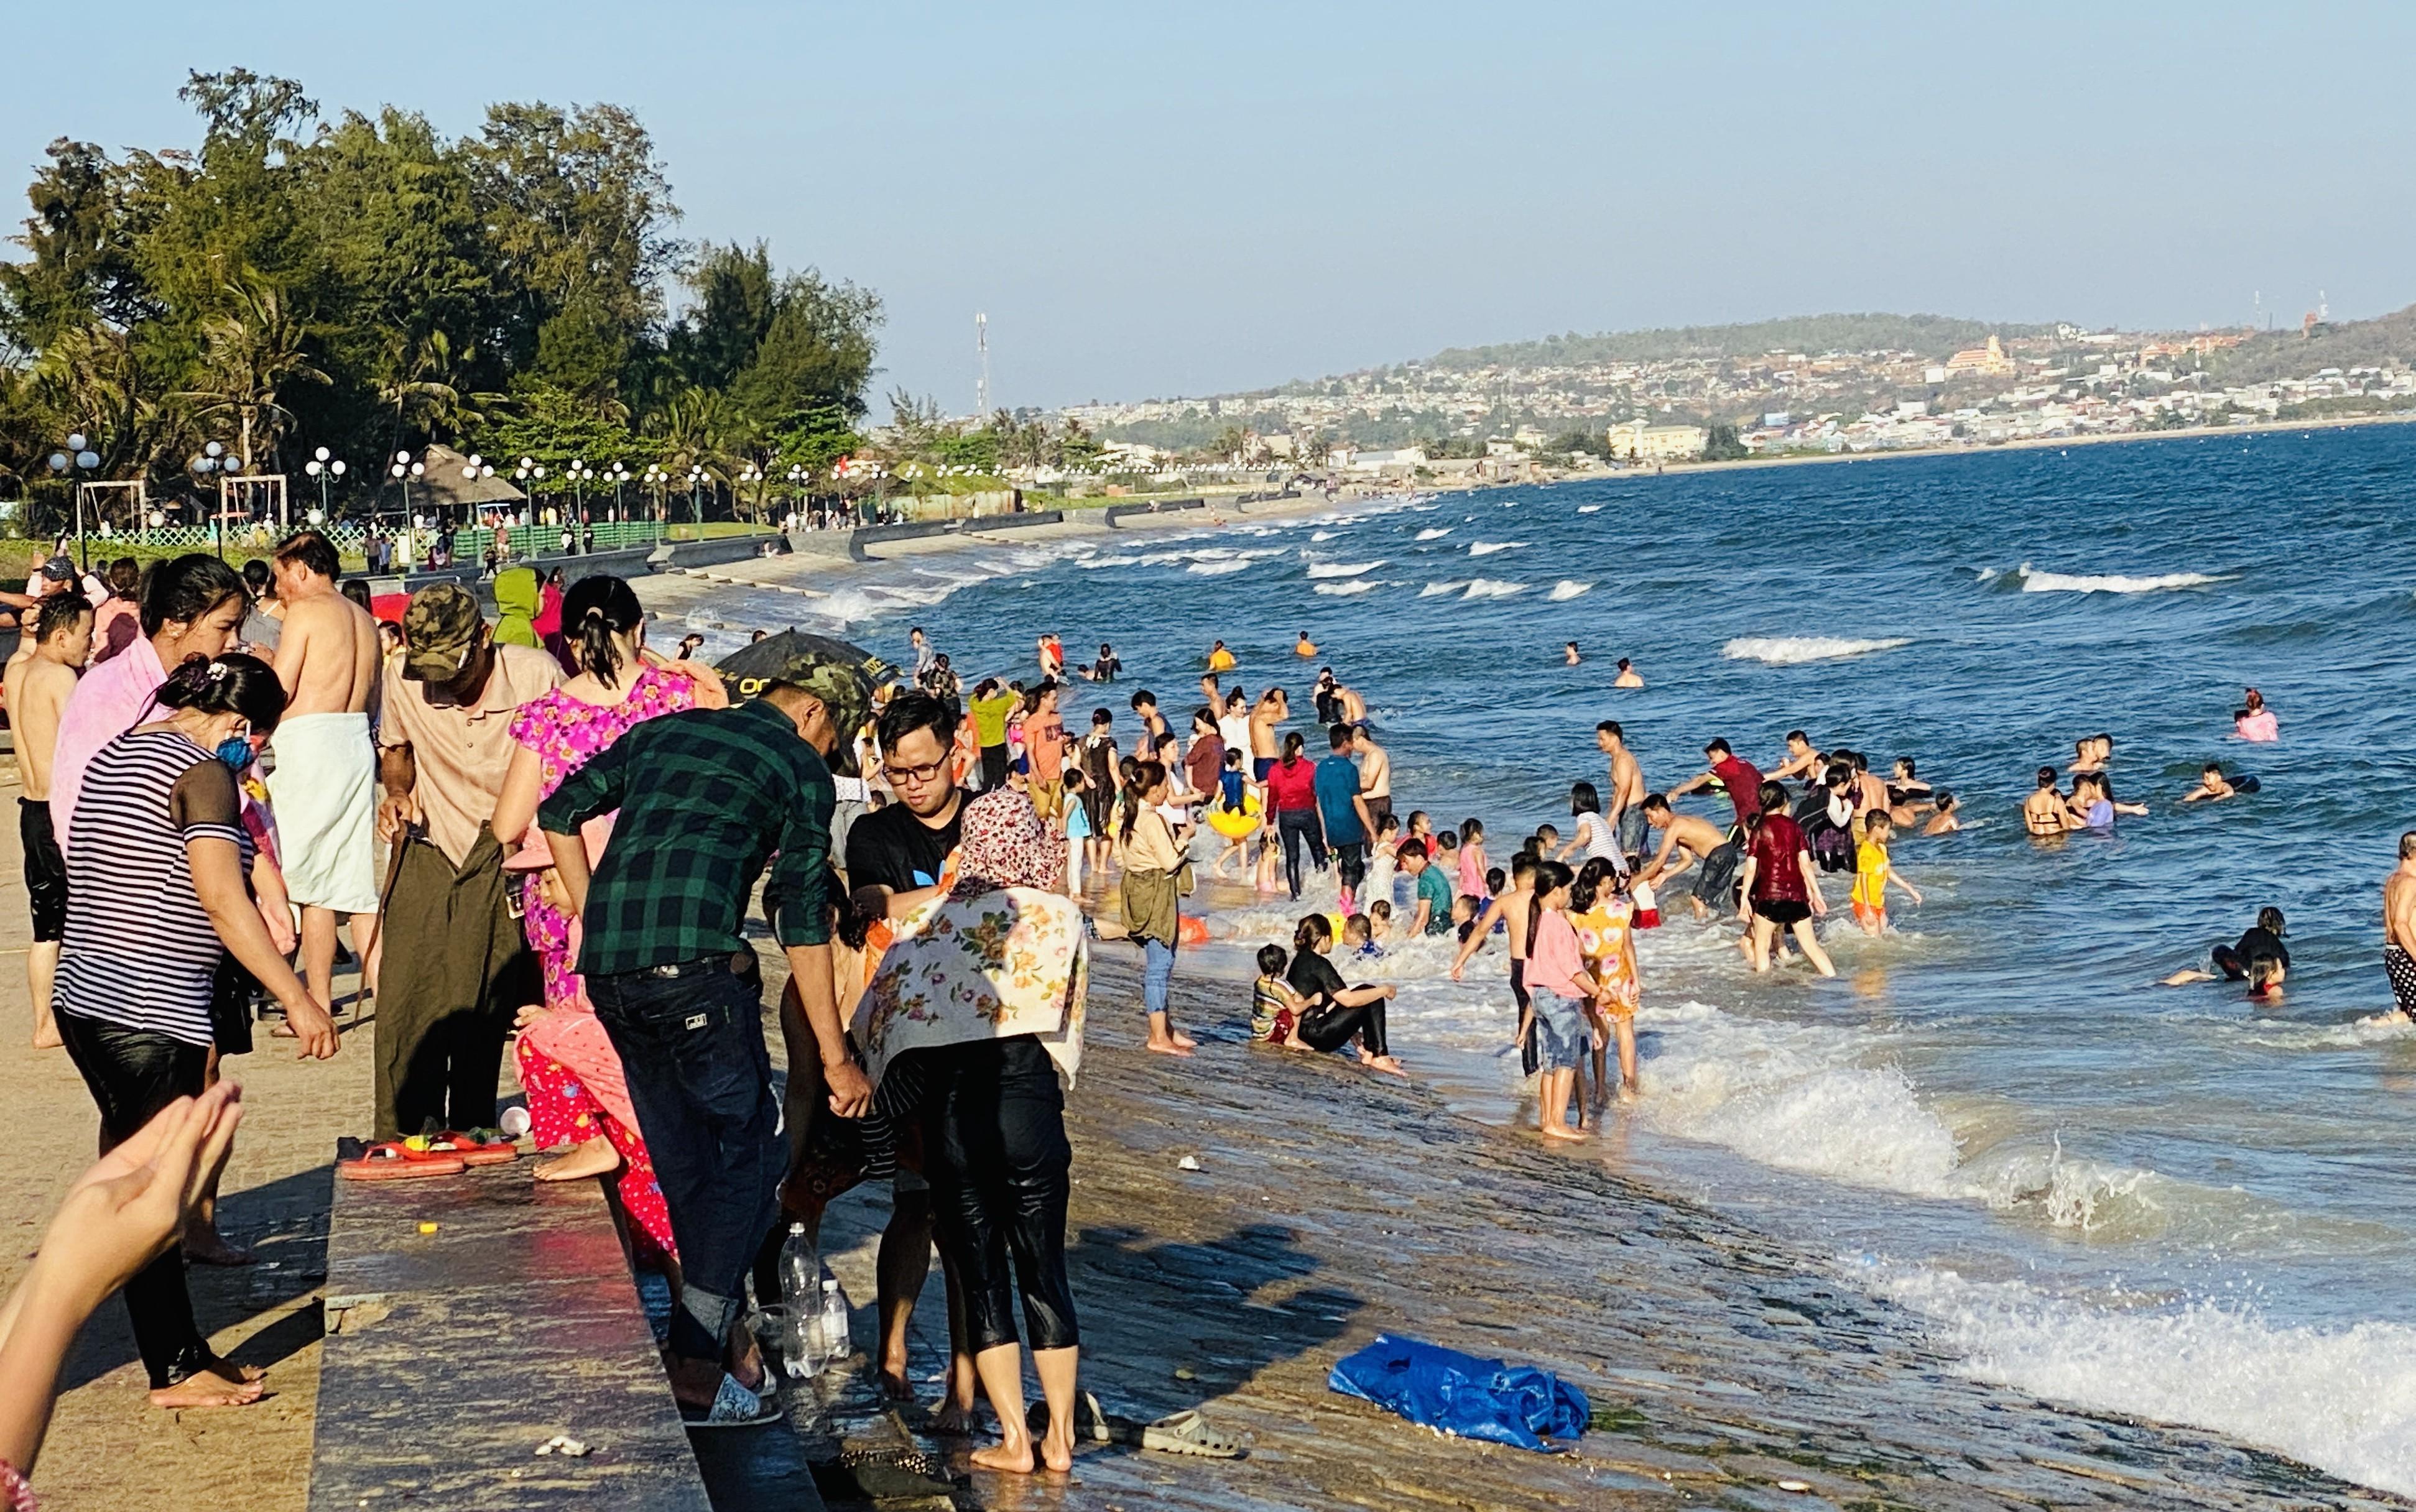 Bãi biển Phan Thiết chật kín người ngày mùng 4 Tết Ảnh 12